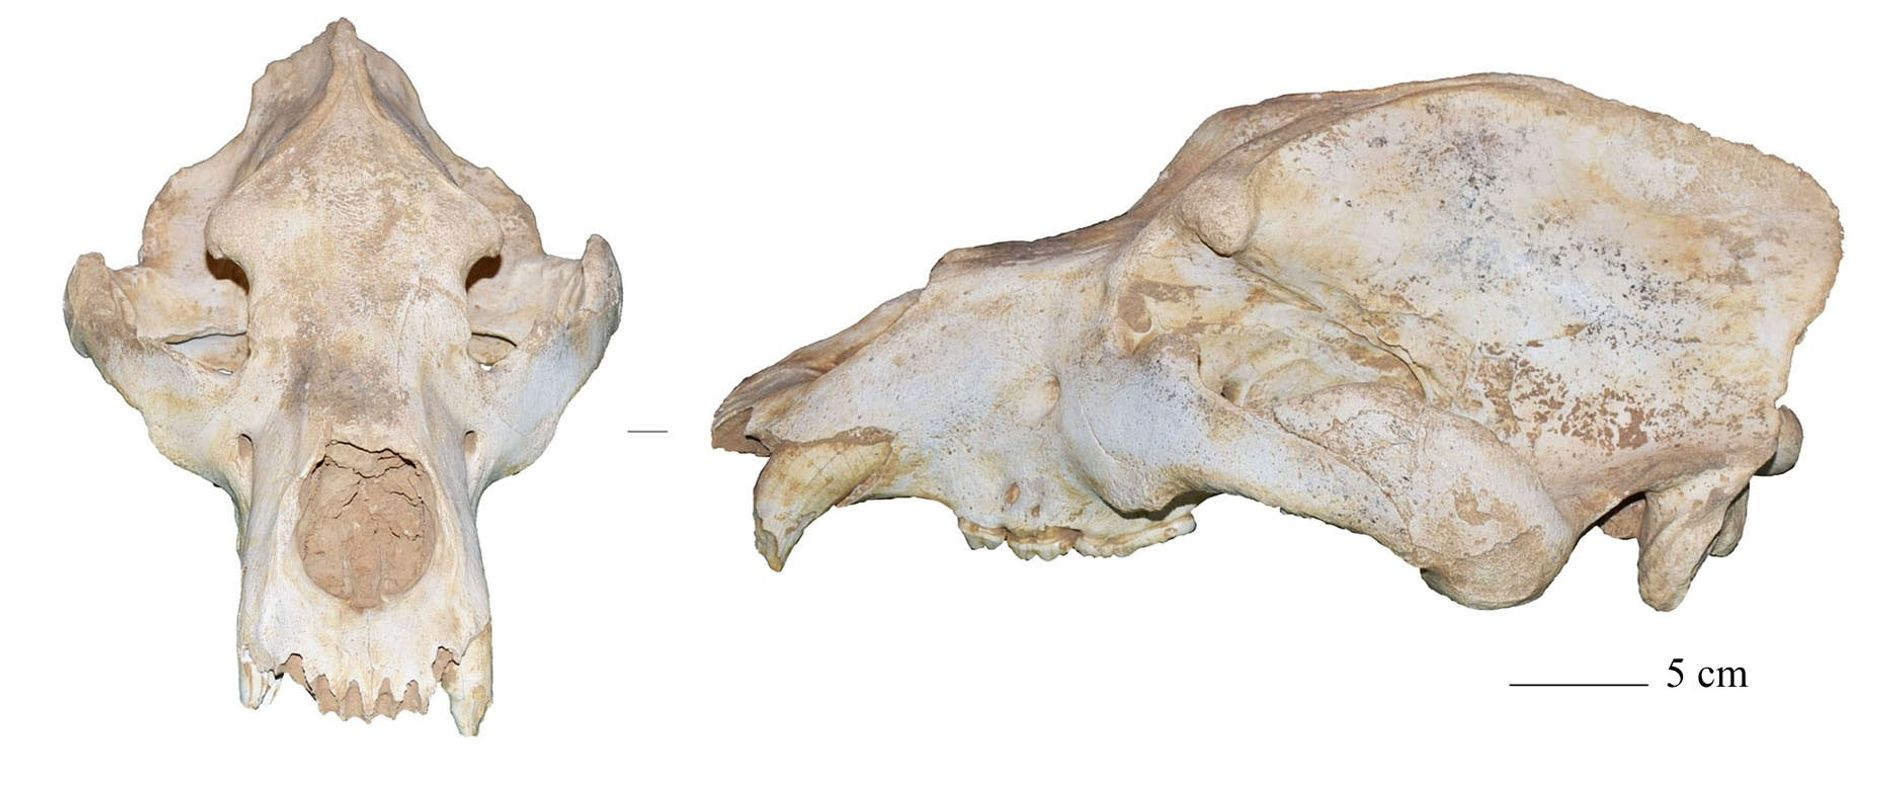 Un cráneo de oso cavernario hallado en Italia, uno de los últimos restos de este animal prehistórico. Los científicos han debatido durante años si el inicio del último máximo glacial provocó la extinción de esta enorme especie. Pero el análisis del ADN de los osos cavernarios sugiere que es más probable que la llegada de los humanos modernos a Europa desempeñara un papel fundamental en su desaparición.